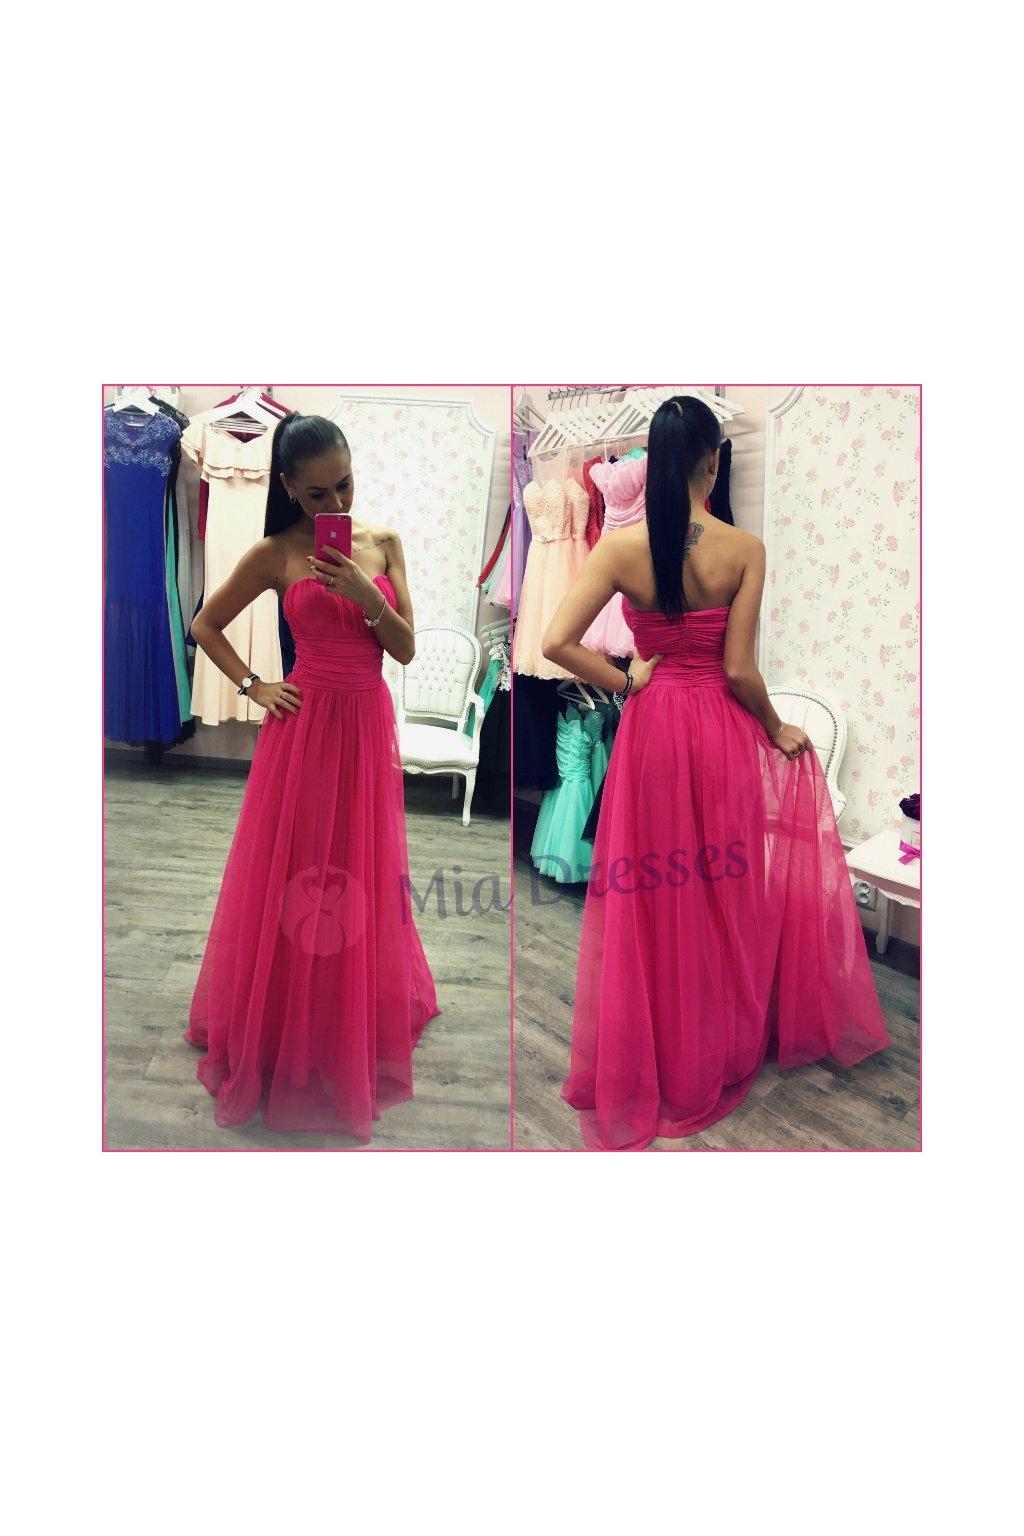 Ružové dlhé šaty - Mia Dresses eaffd7dce7d